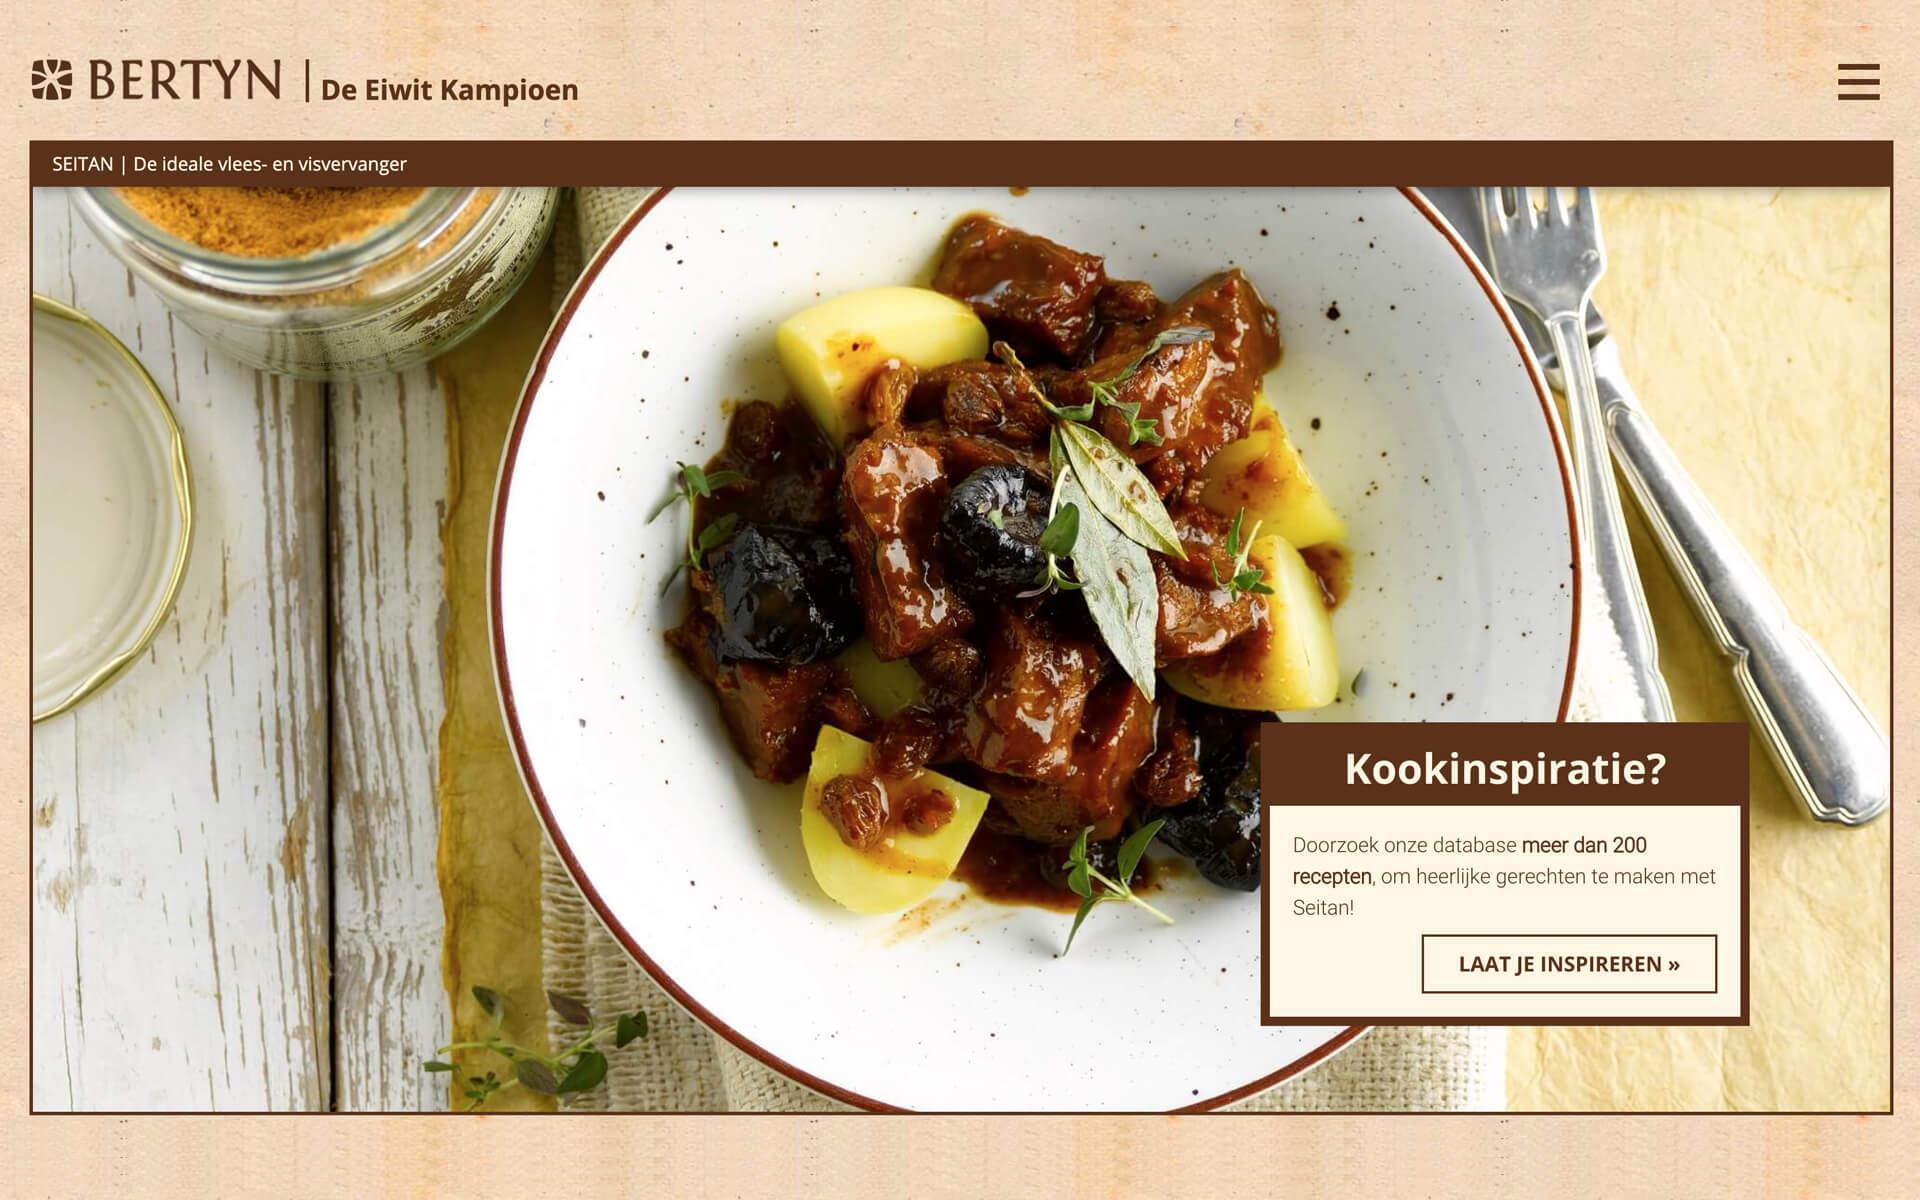 Bertyn.eu Eiwit kampioen desktop preview